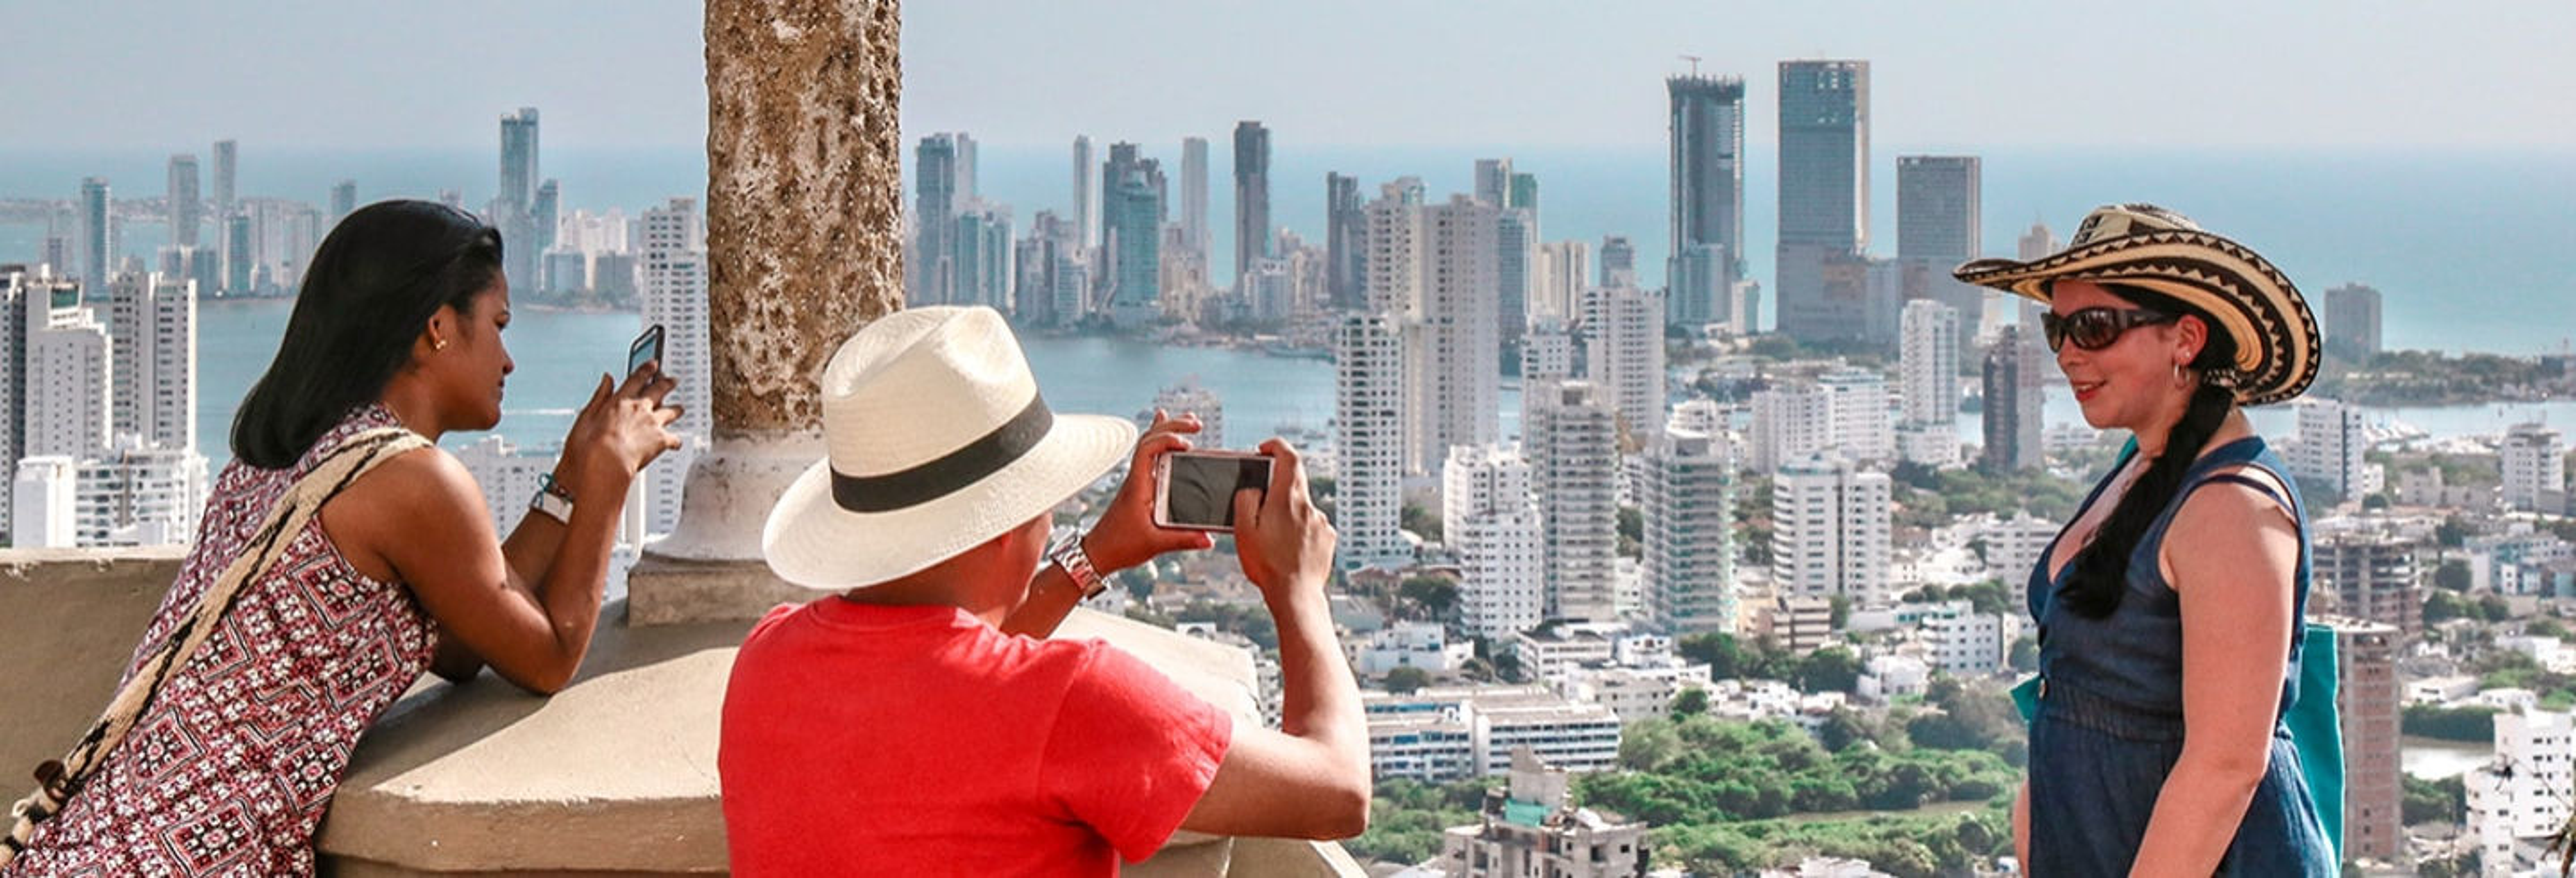 Tour de Cartagena al completo con entradas